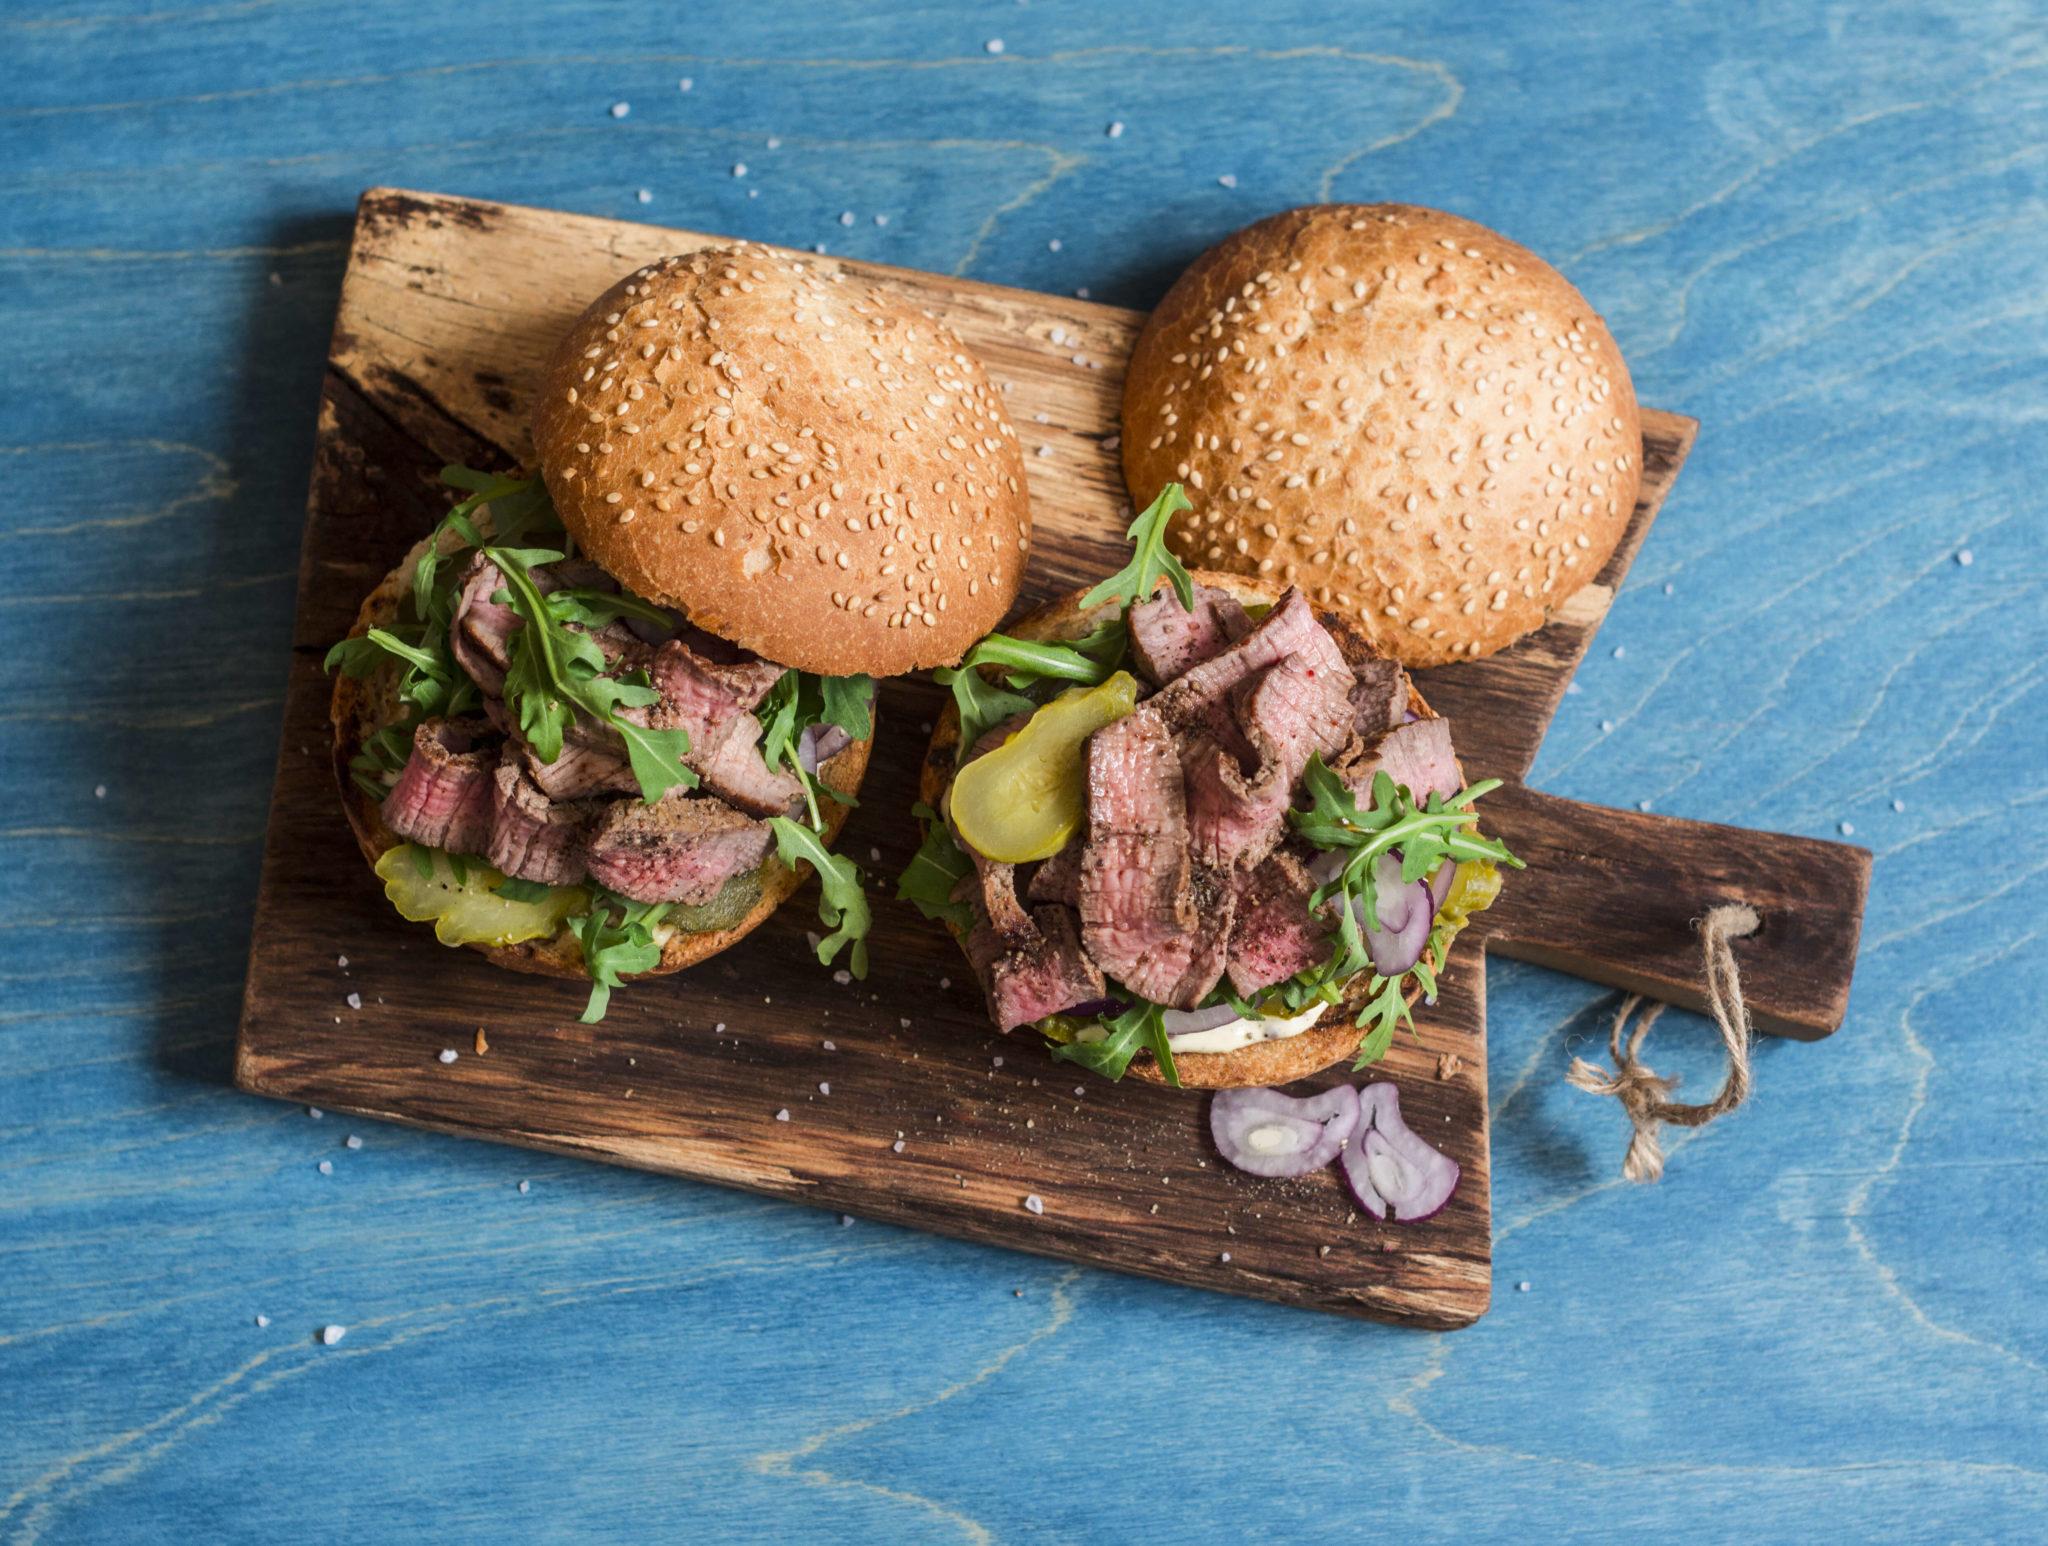 Upfit classic Steak Burger